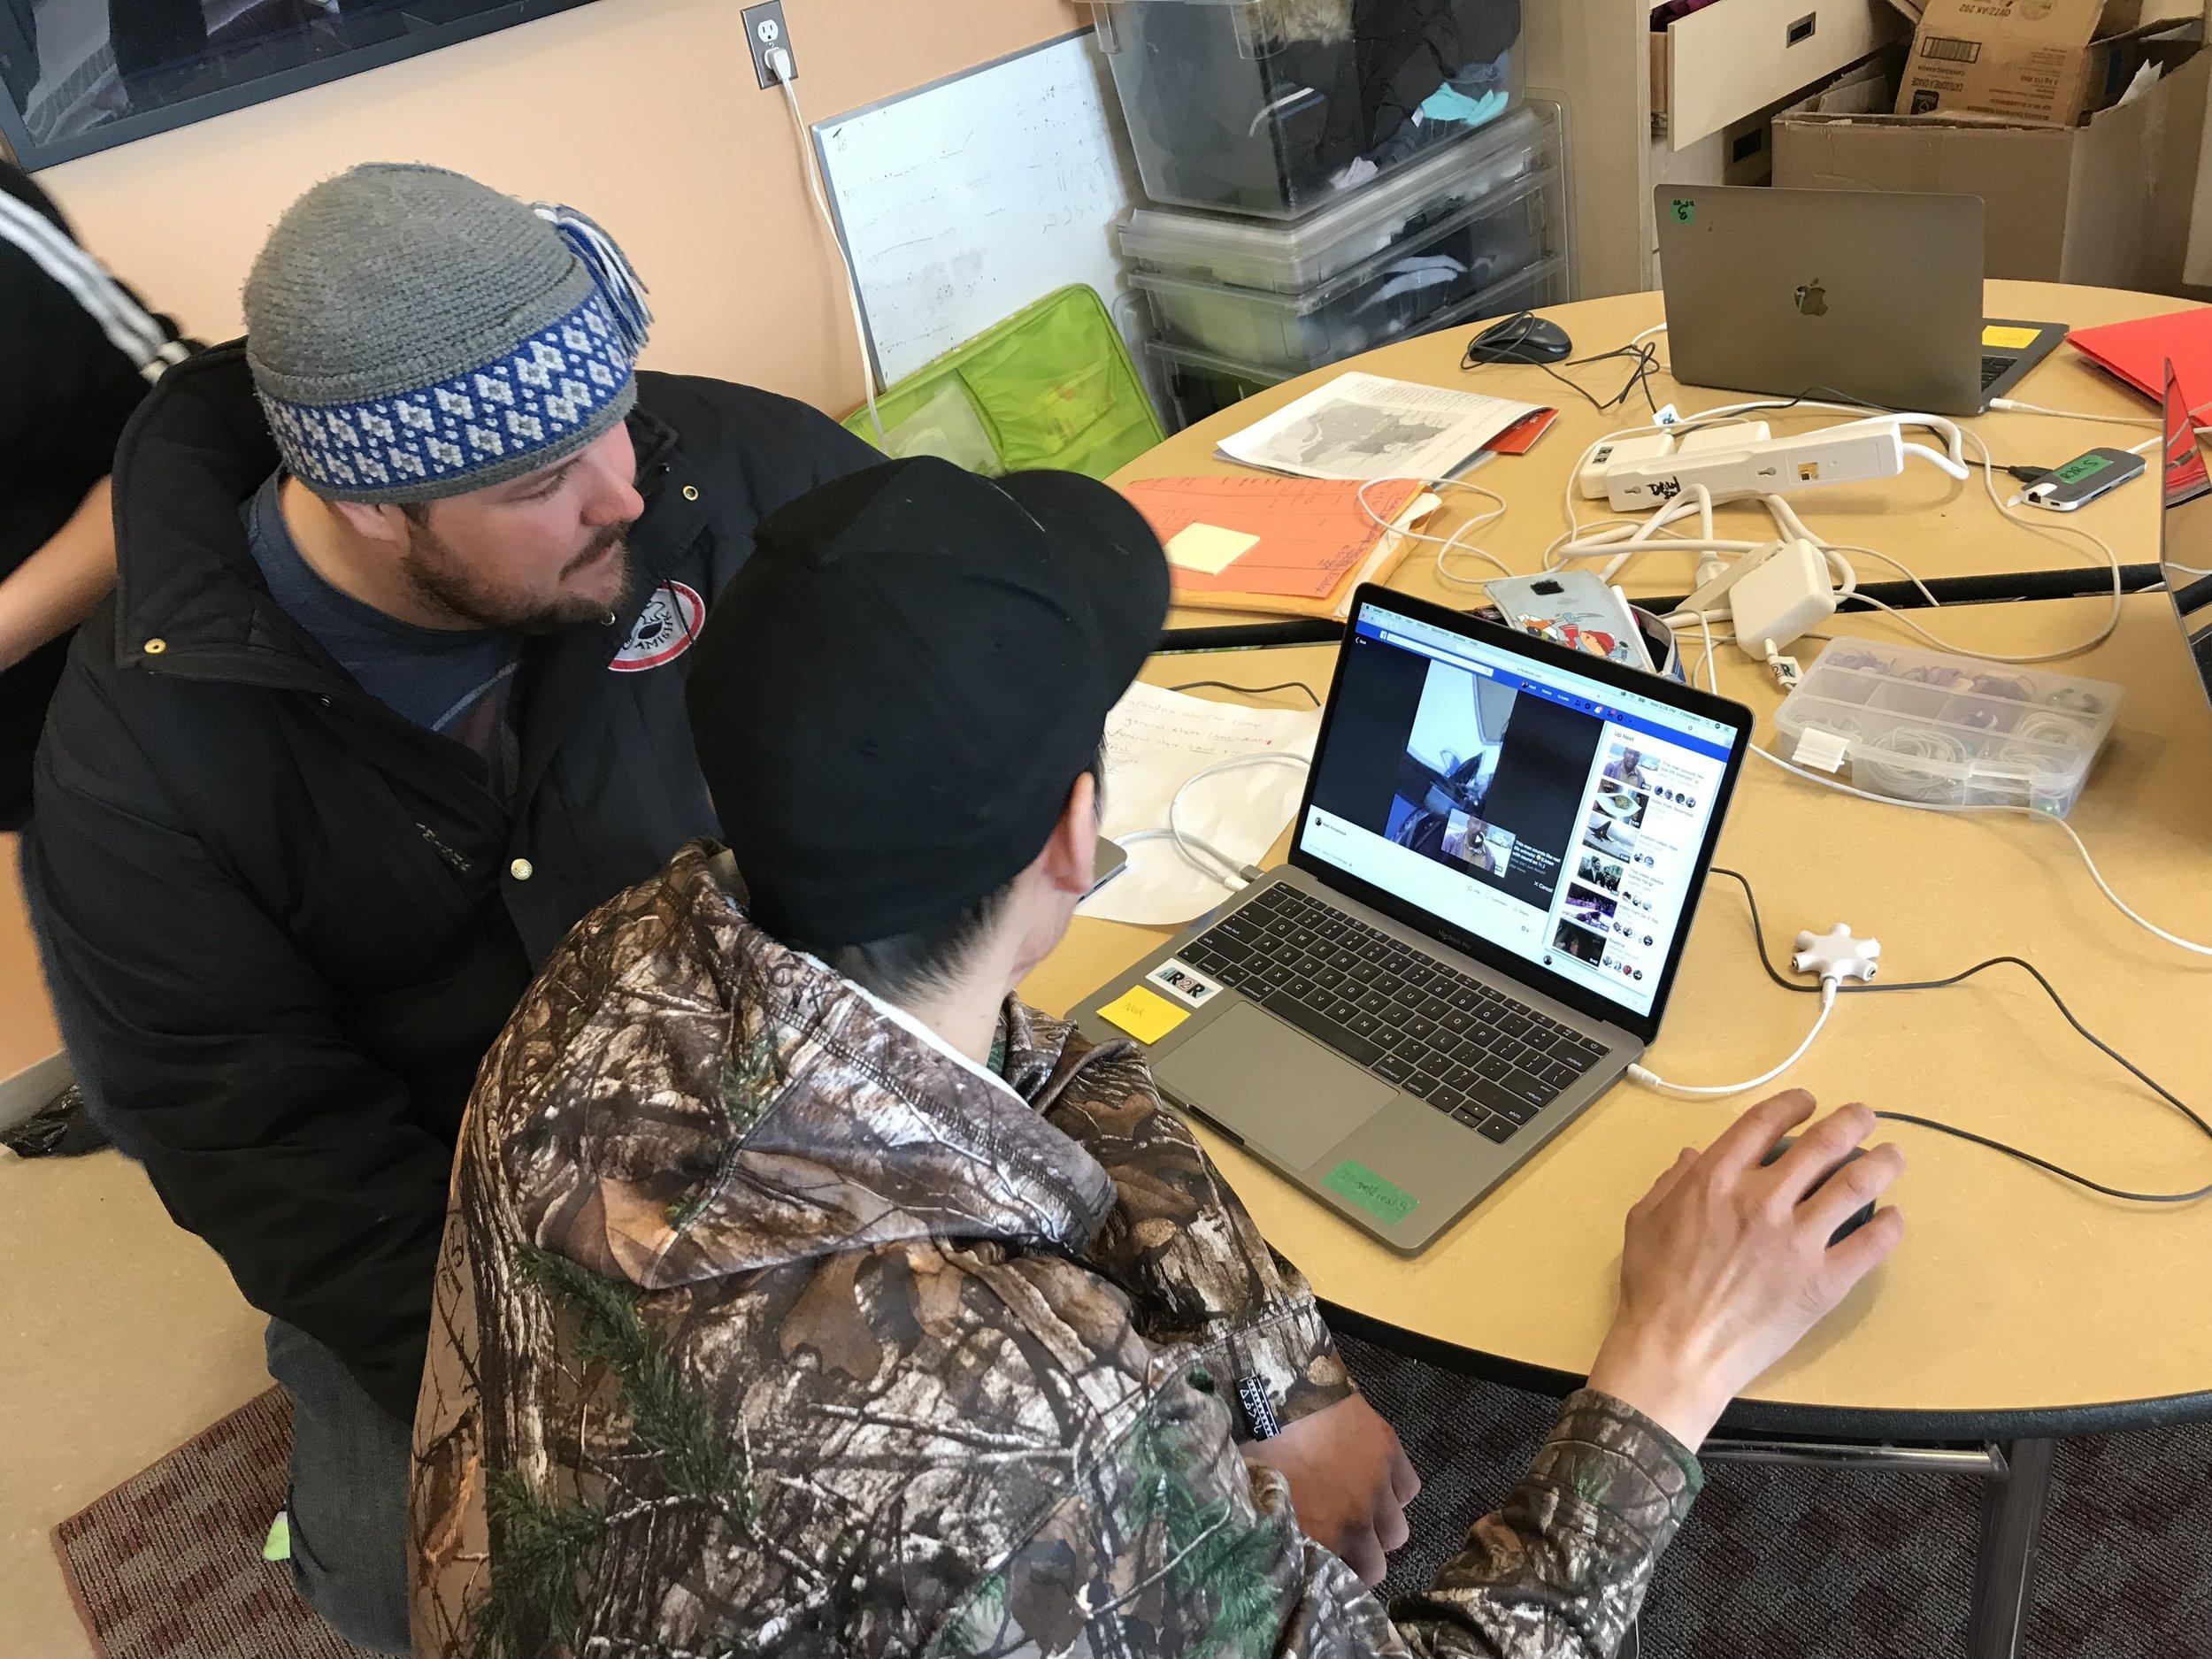 Alex P checks out Ned's film